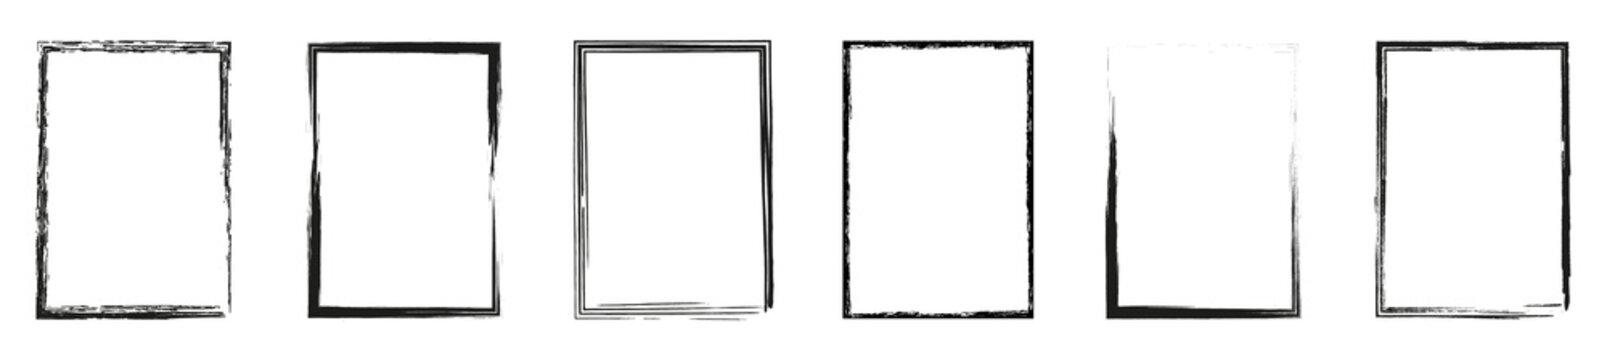 Grunge frame collection. Grounge border set. Vector illustration